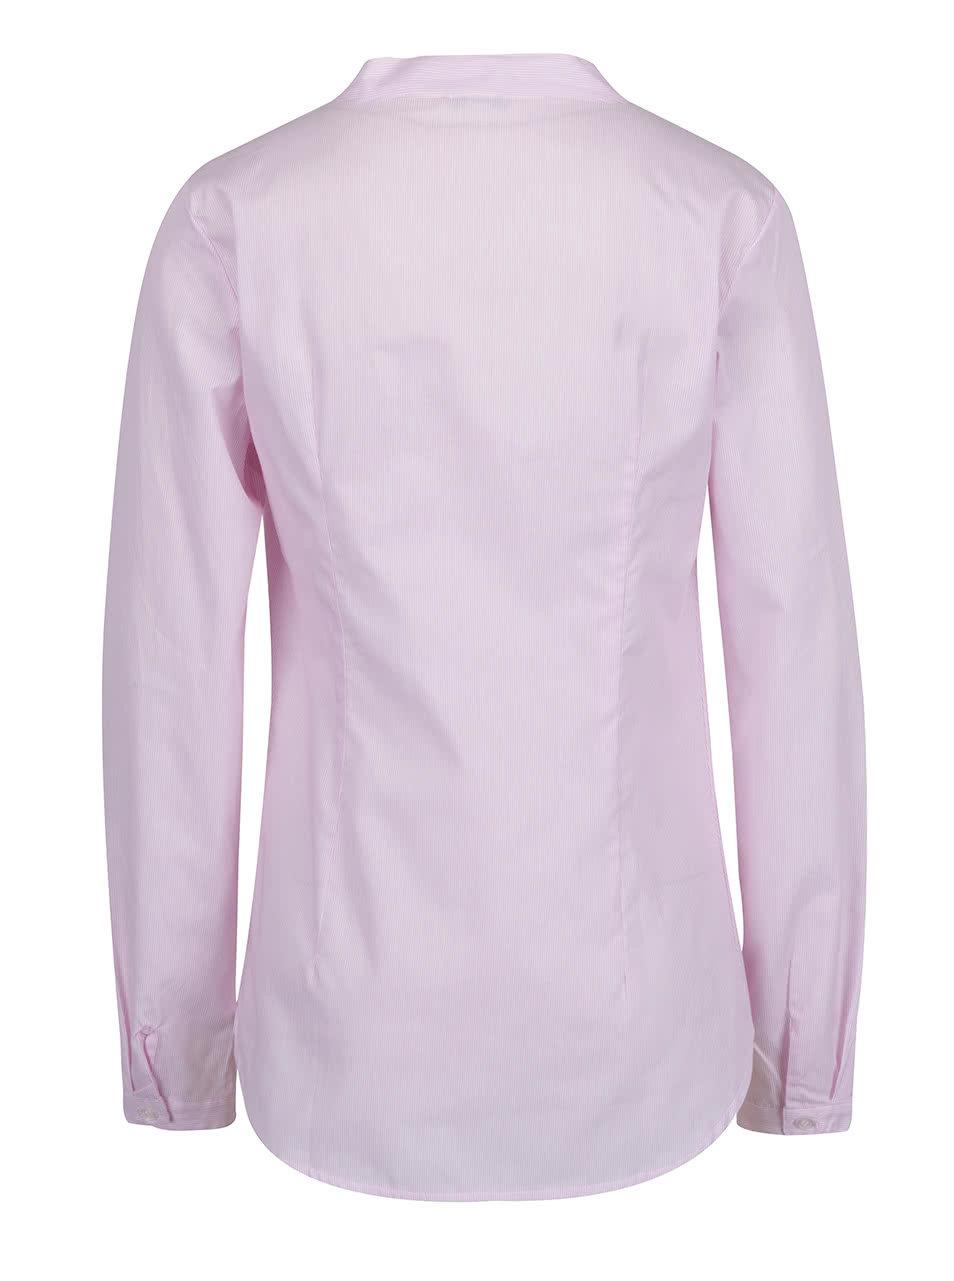 Světle růžová pruhovaná košile bez límečku ZOOT ... dab1fc09d3